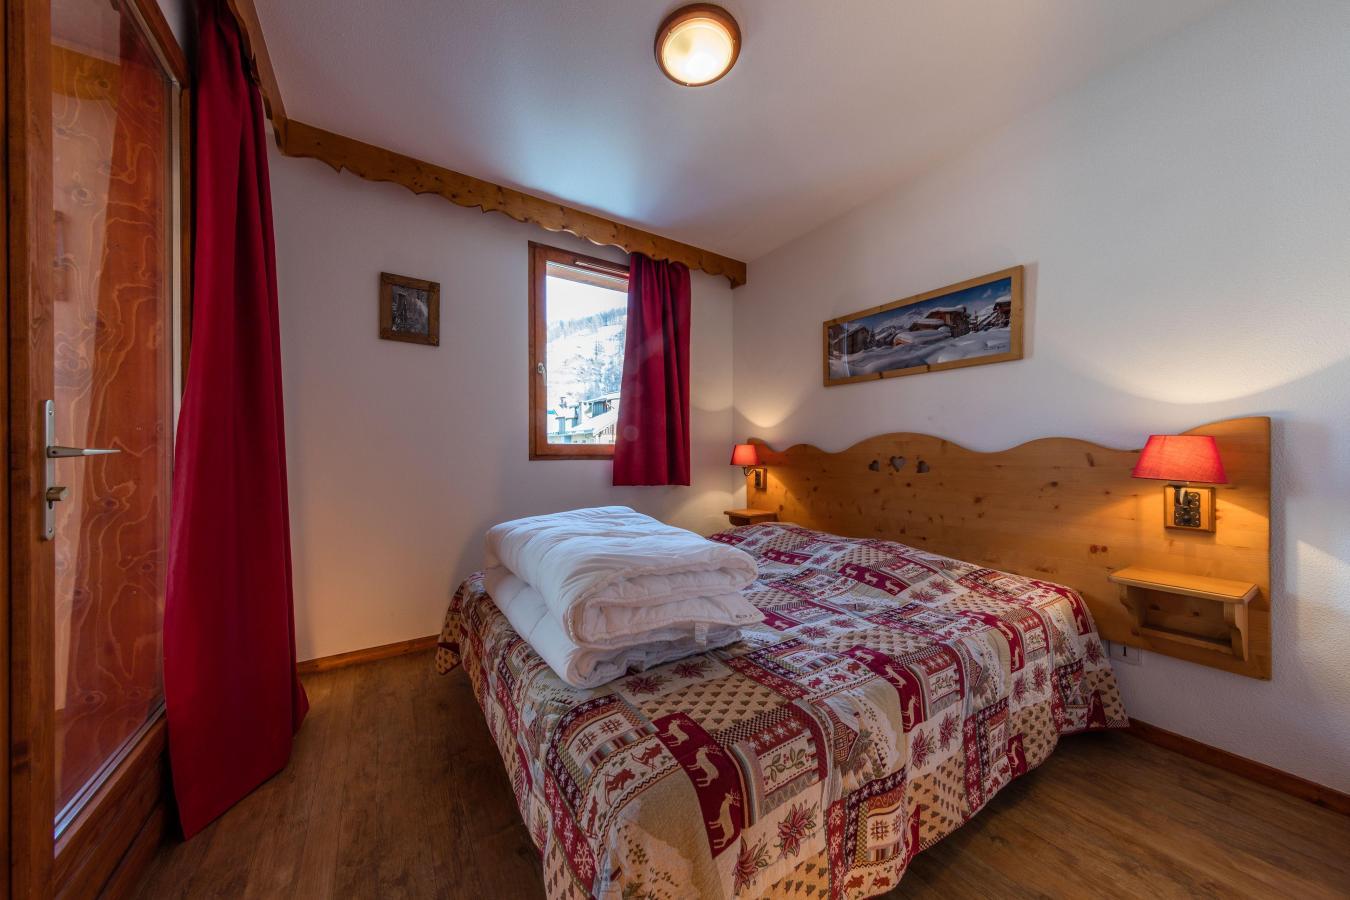 appartement 2 pi ces cabine 6 personnes week end abri s alpes du sud les balcons du viso. Black Bedroom Furniture Sets. Home Design Ideas